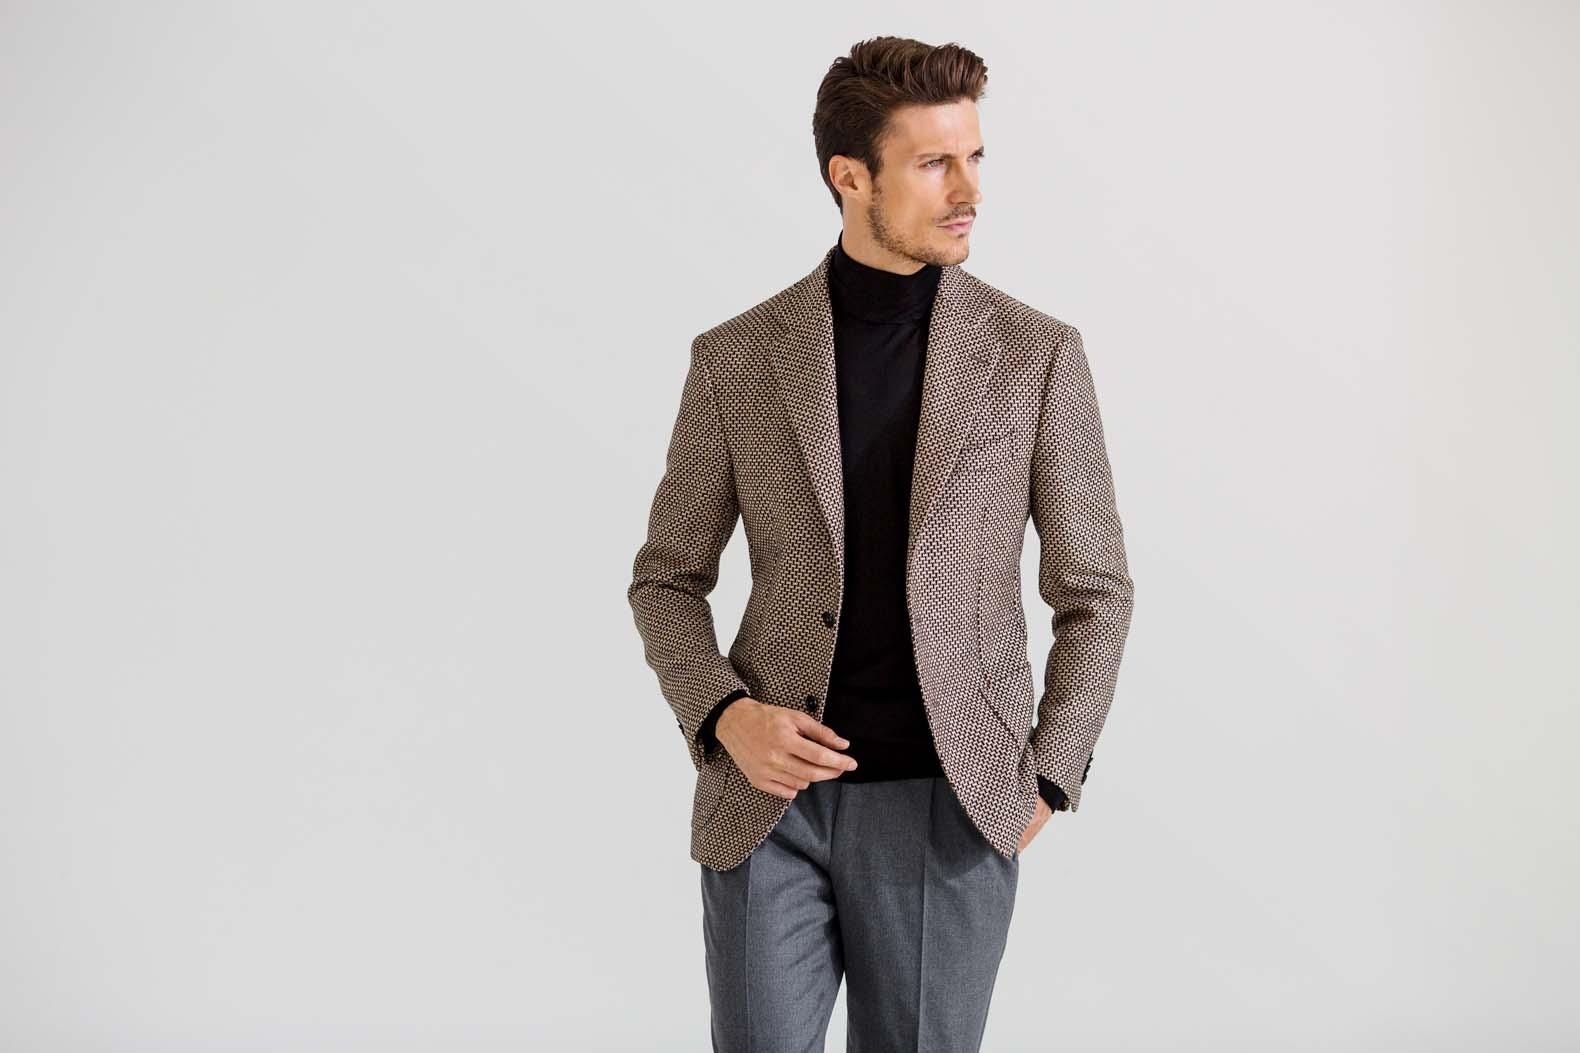 モダンで都会的に見えるジャケットは何が違うのか?